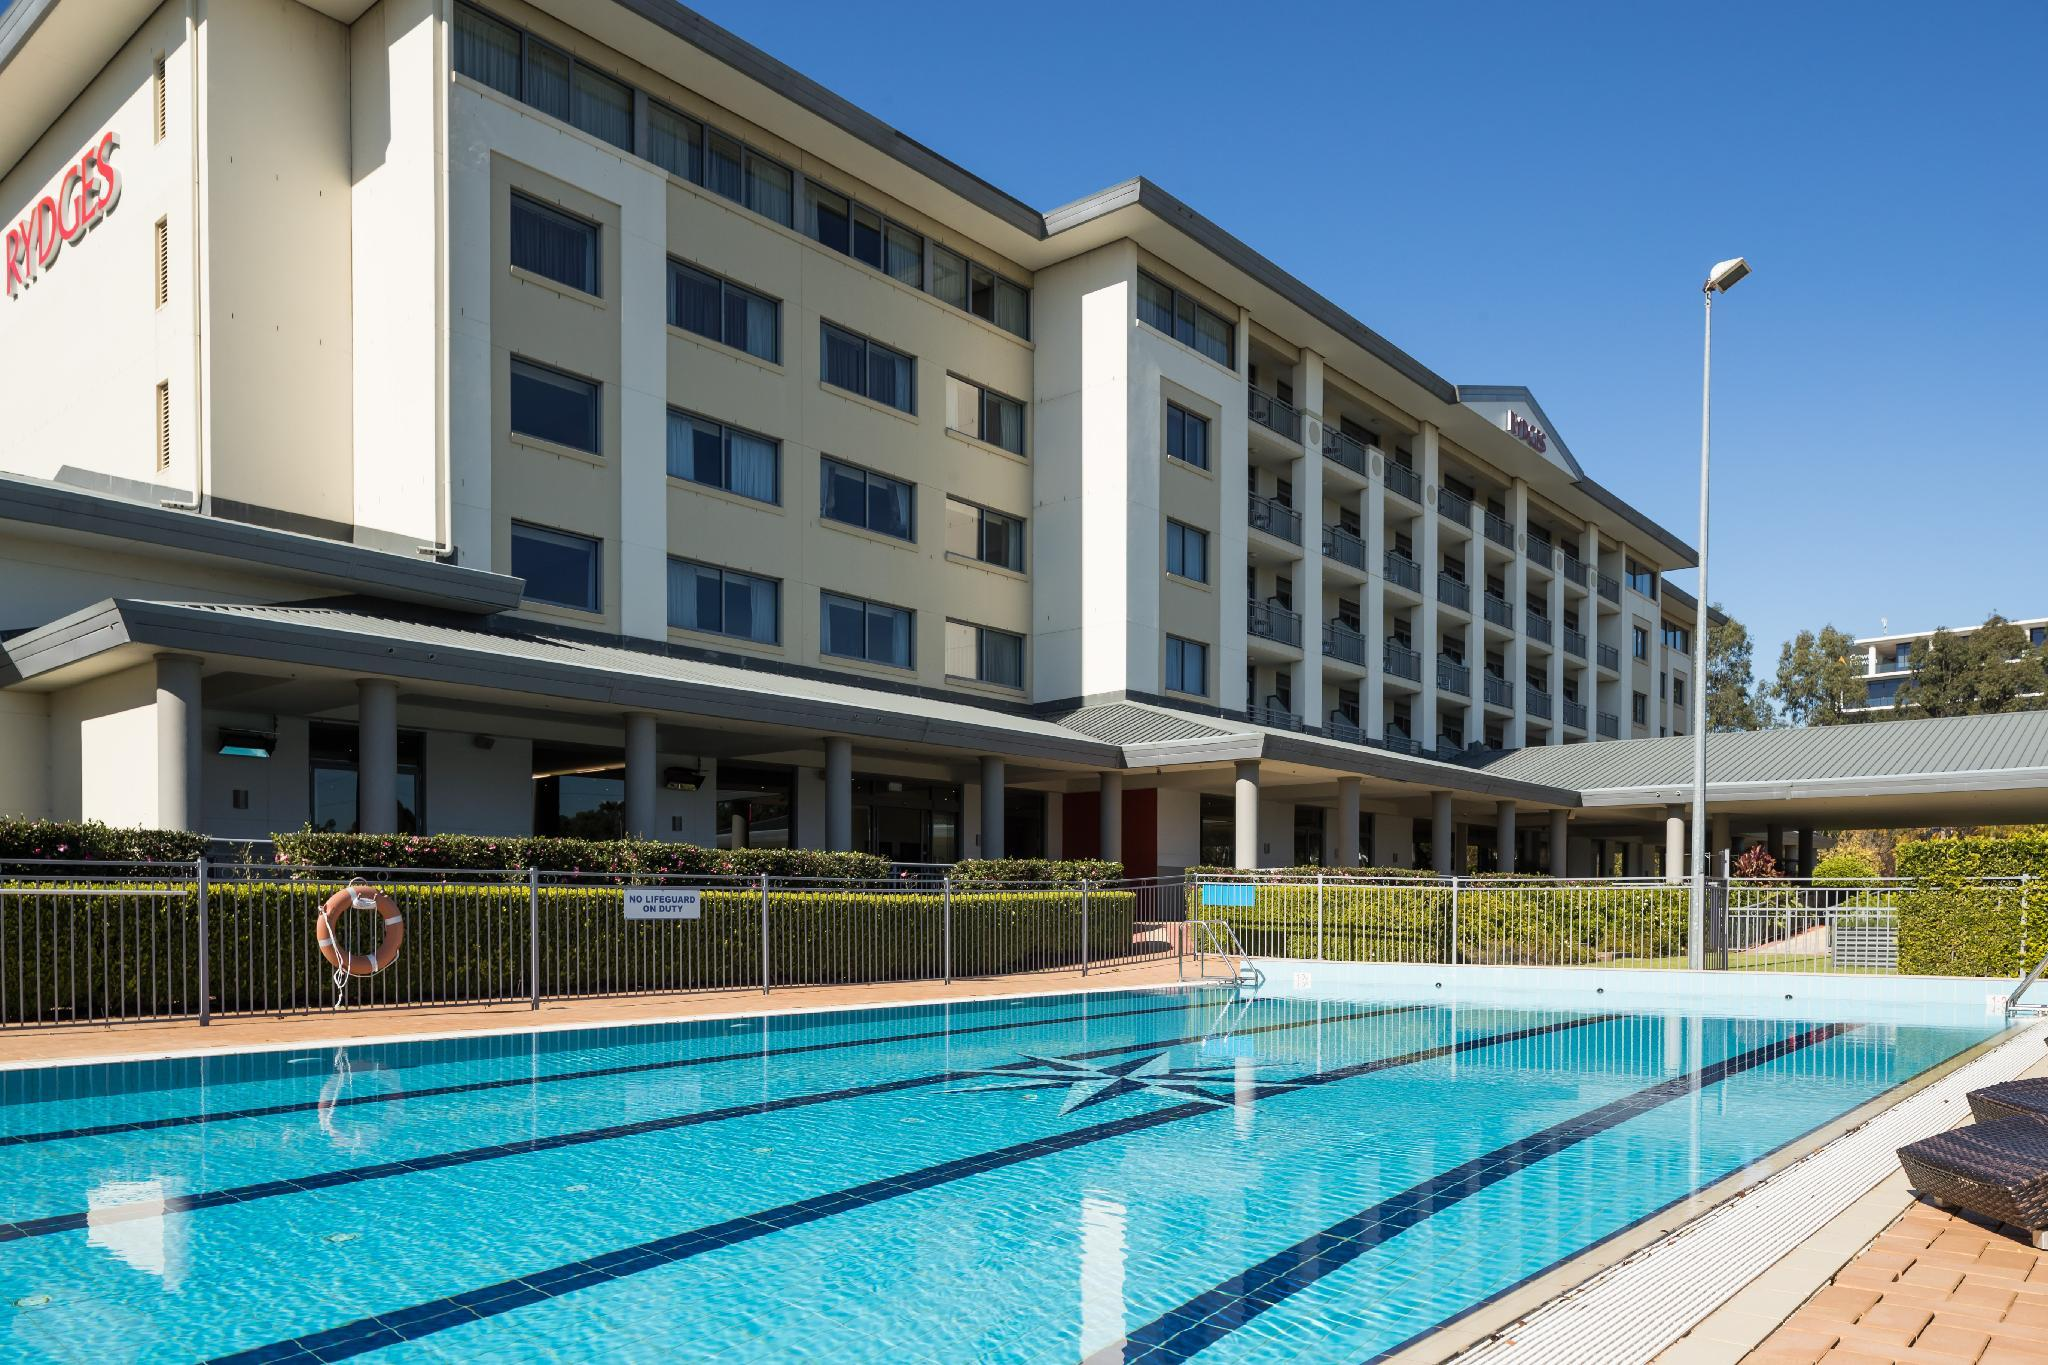 Rydges Norwest Sydney, Baulkham Hills - Central